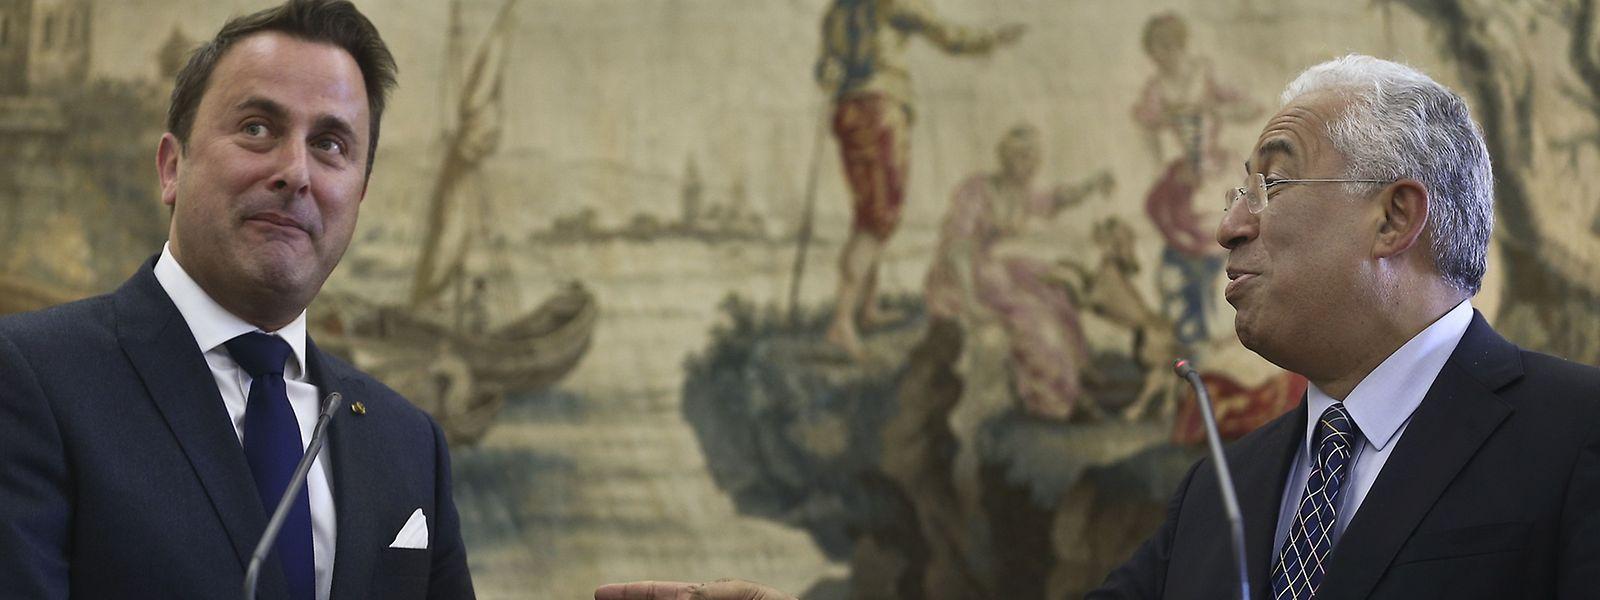 Bem disposto, Bettel brincou com as mudanças em Portugal e no Governo. António Costa respondeu na mesma moeda